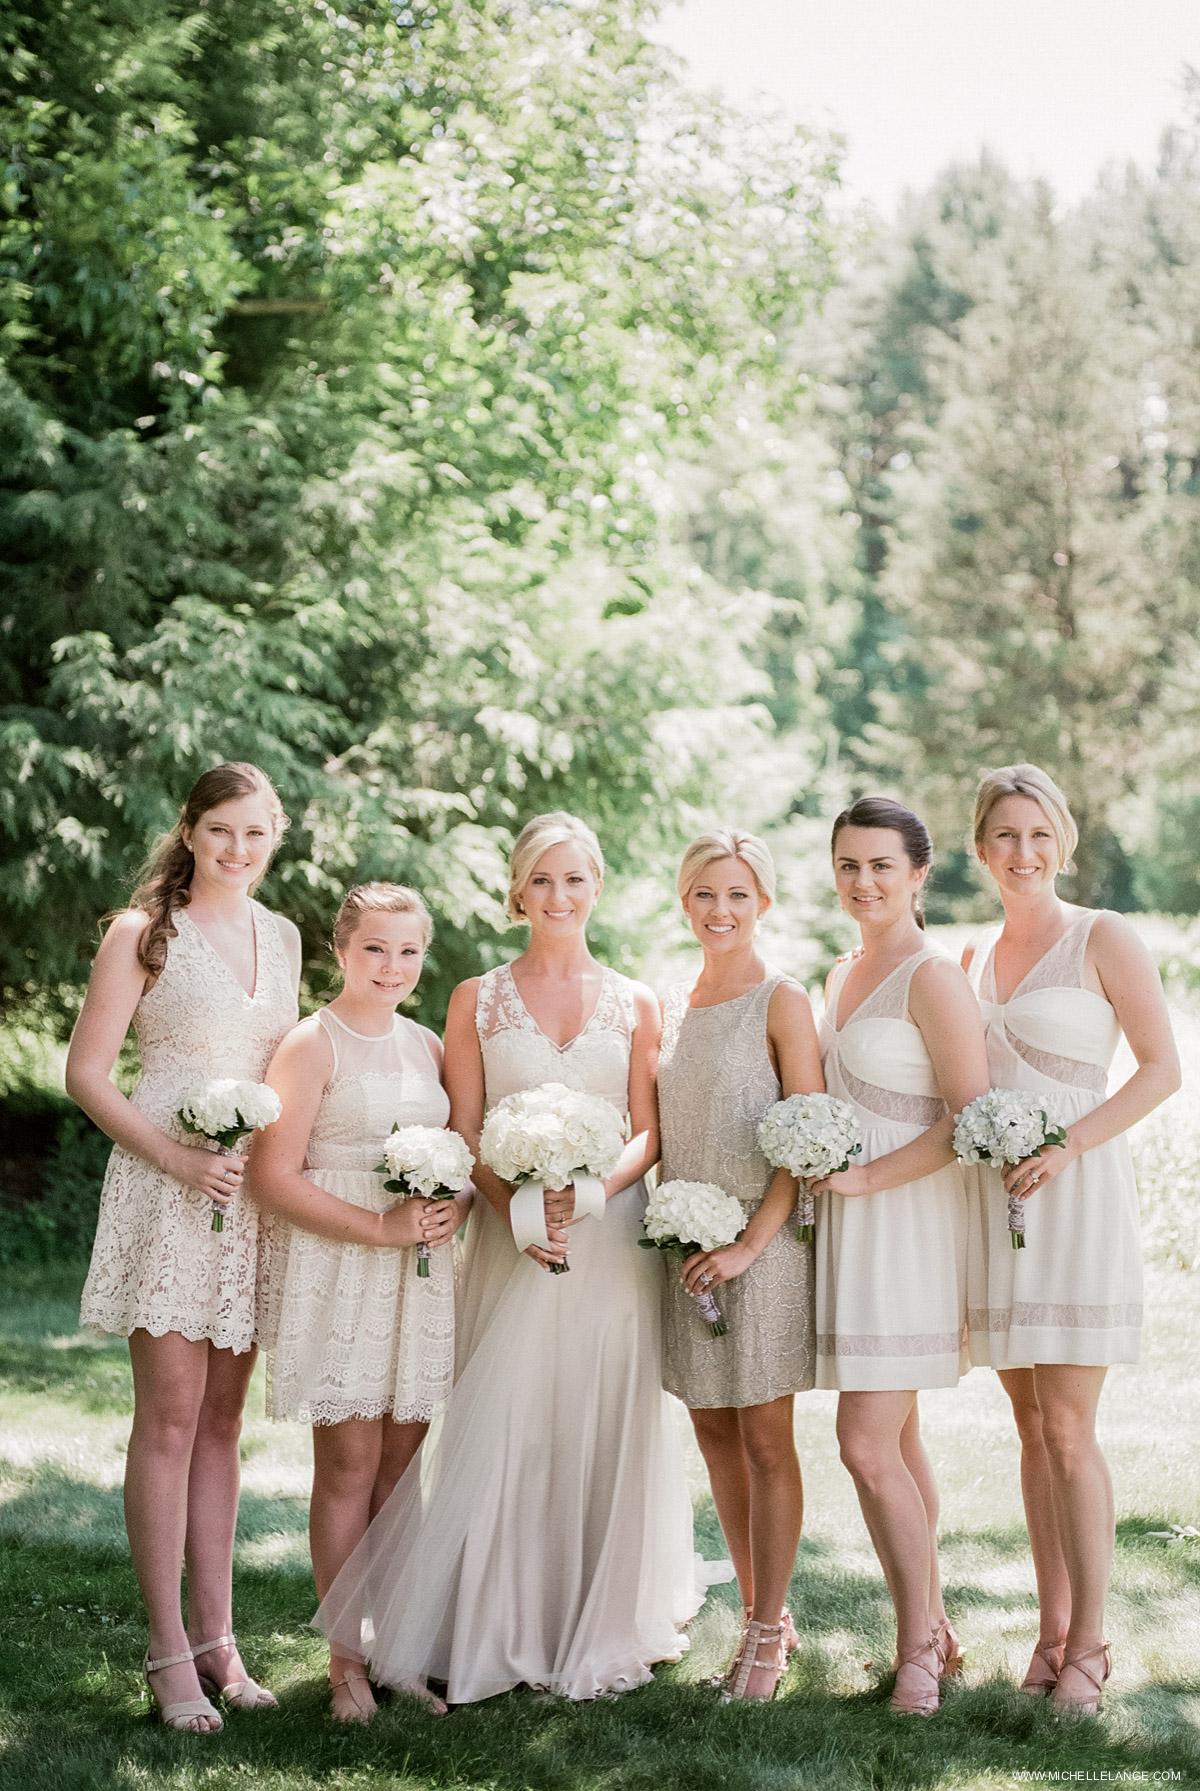 Connecticut Private Estate WeddingConnecticut Private Estate Wedding